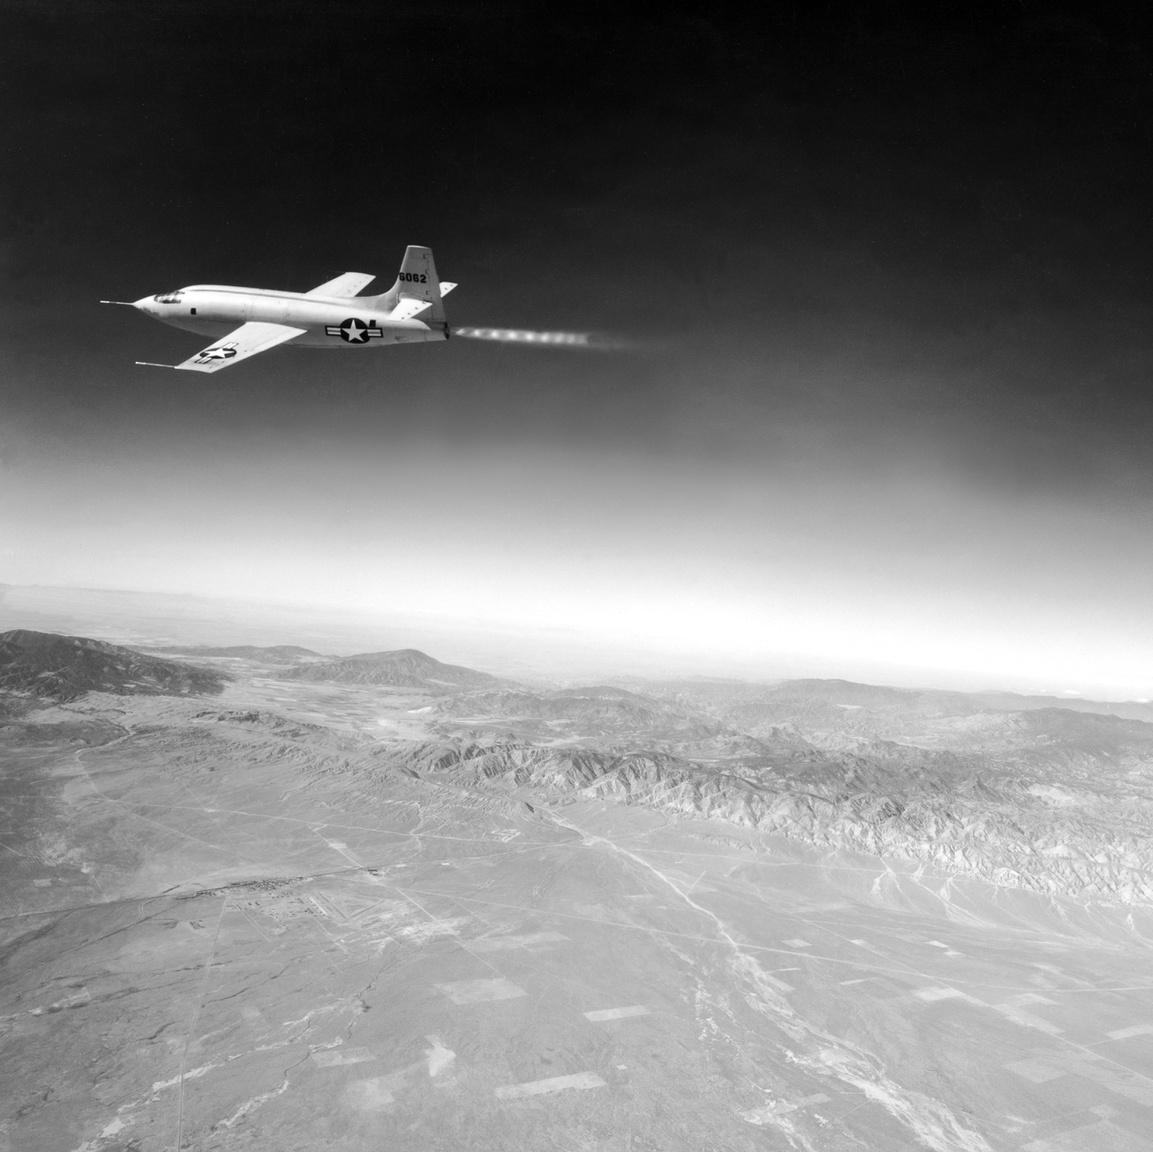 Ez a pazar kép egy Lockheed FP-80 Shooting Star kísérőgépből készült 1947. október 14-én, a rekordrepülés során.